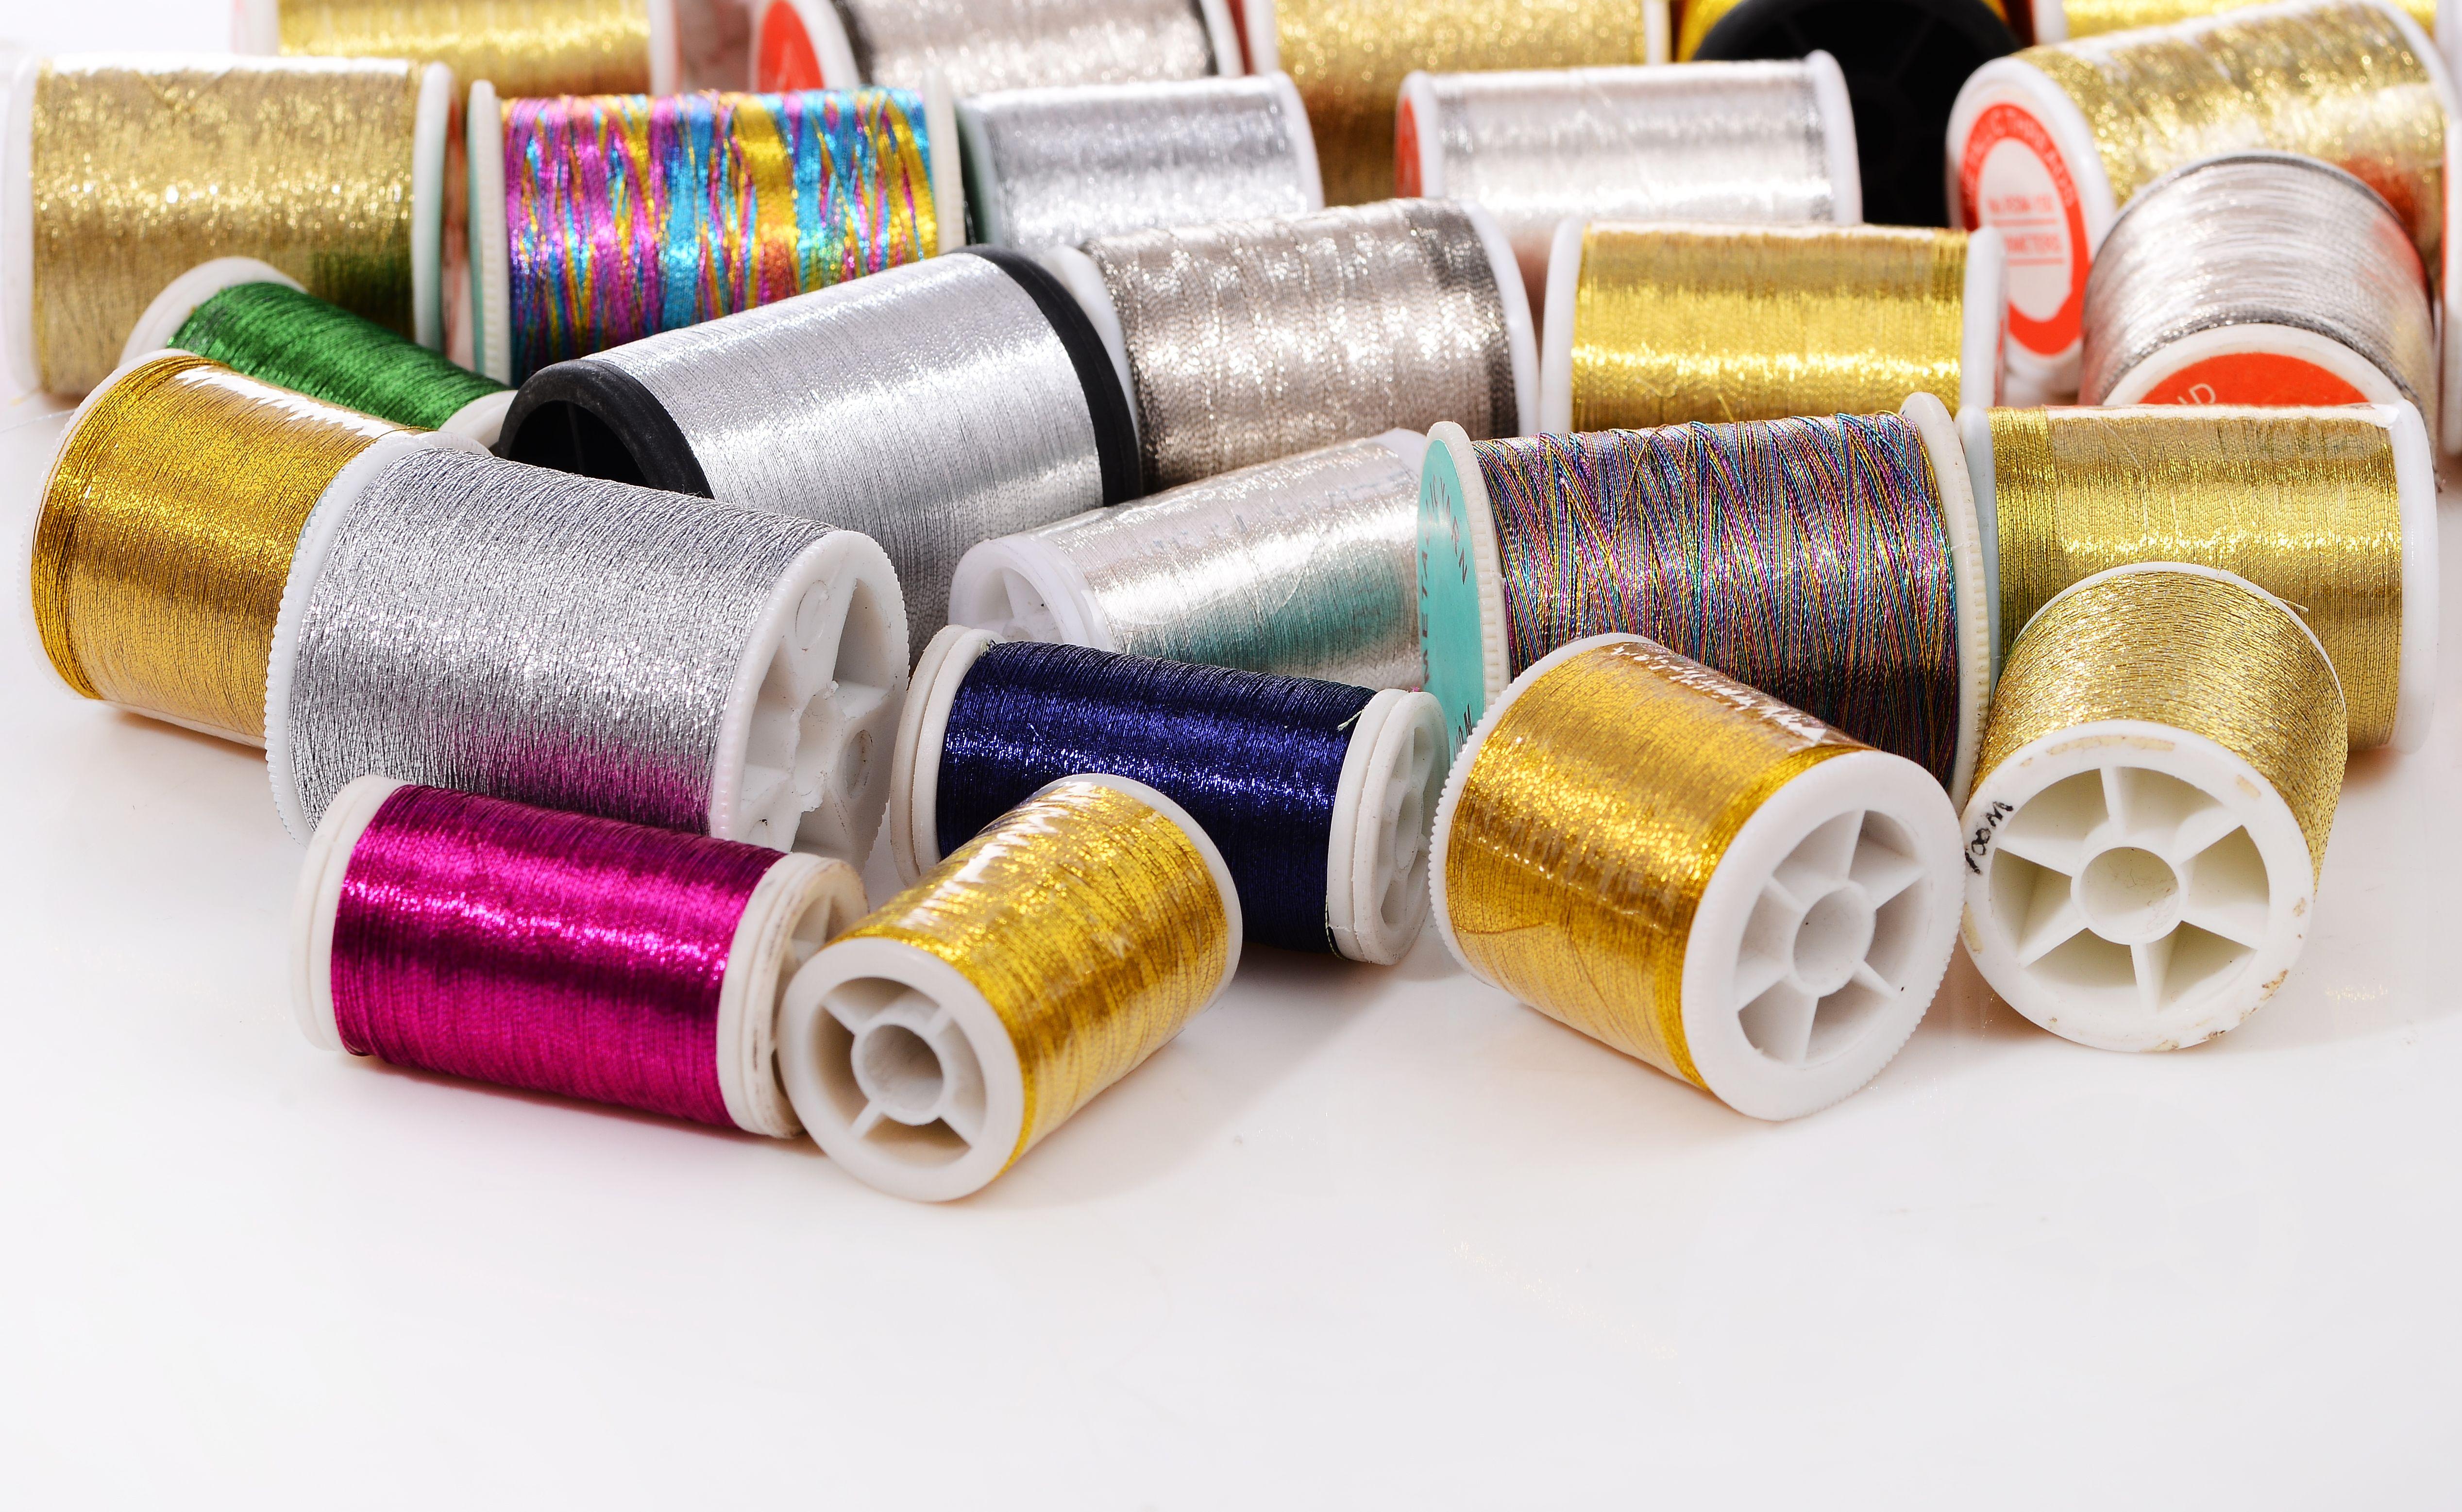 M/MS/MHS/MH/MX Type Lurex Metallic Yarn Metallic yarn